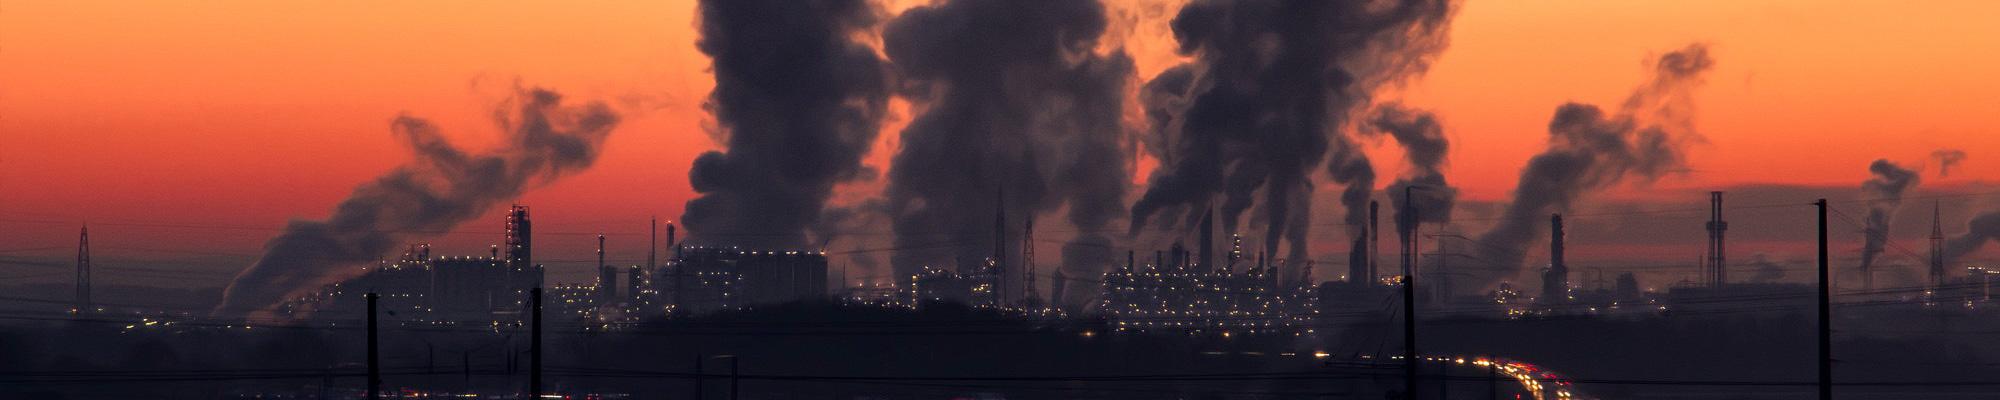 faire-rente_SLIDES_2018_luftverschmutzung